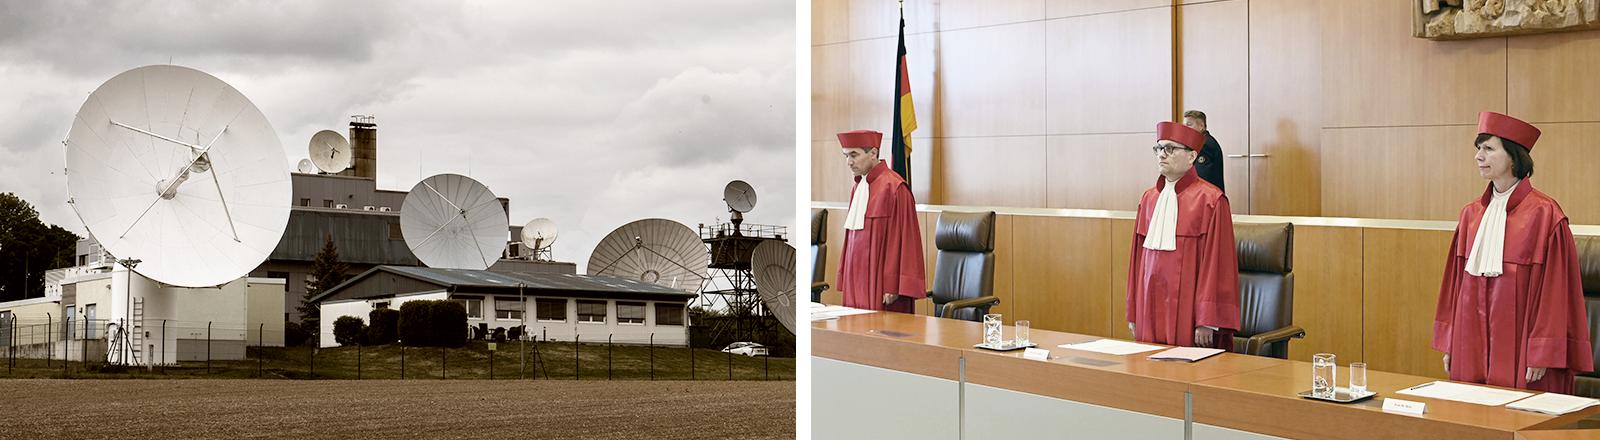 links: Technik steht an der Außenstelle Schöningen des Bundesnachrichtendienstes (BND) im Landkreis Helmstedt | rechts: Der Erste Senats des Bundesverfassungsgerichts verkündet das Urteil über die Überwachungsbefugnisse des BND im Ausland (19.05.2020, Baden-Württemberg, Karlsruhe)